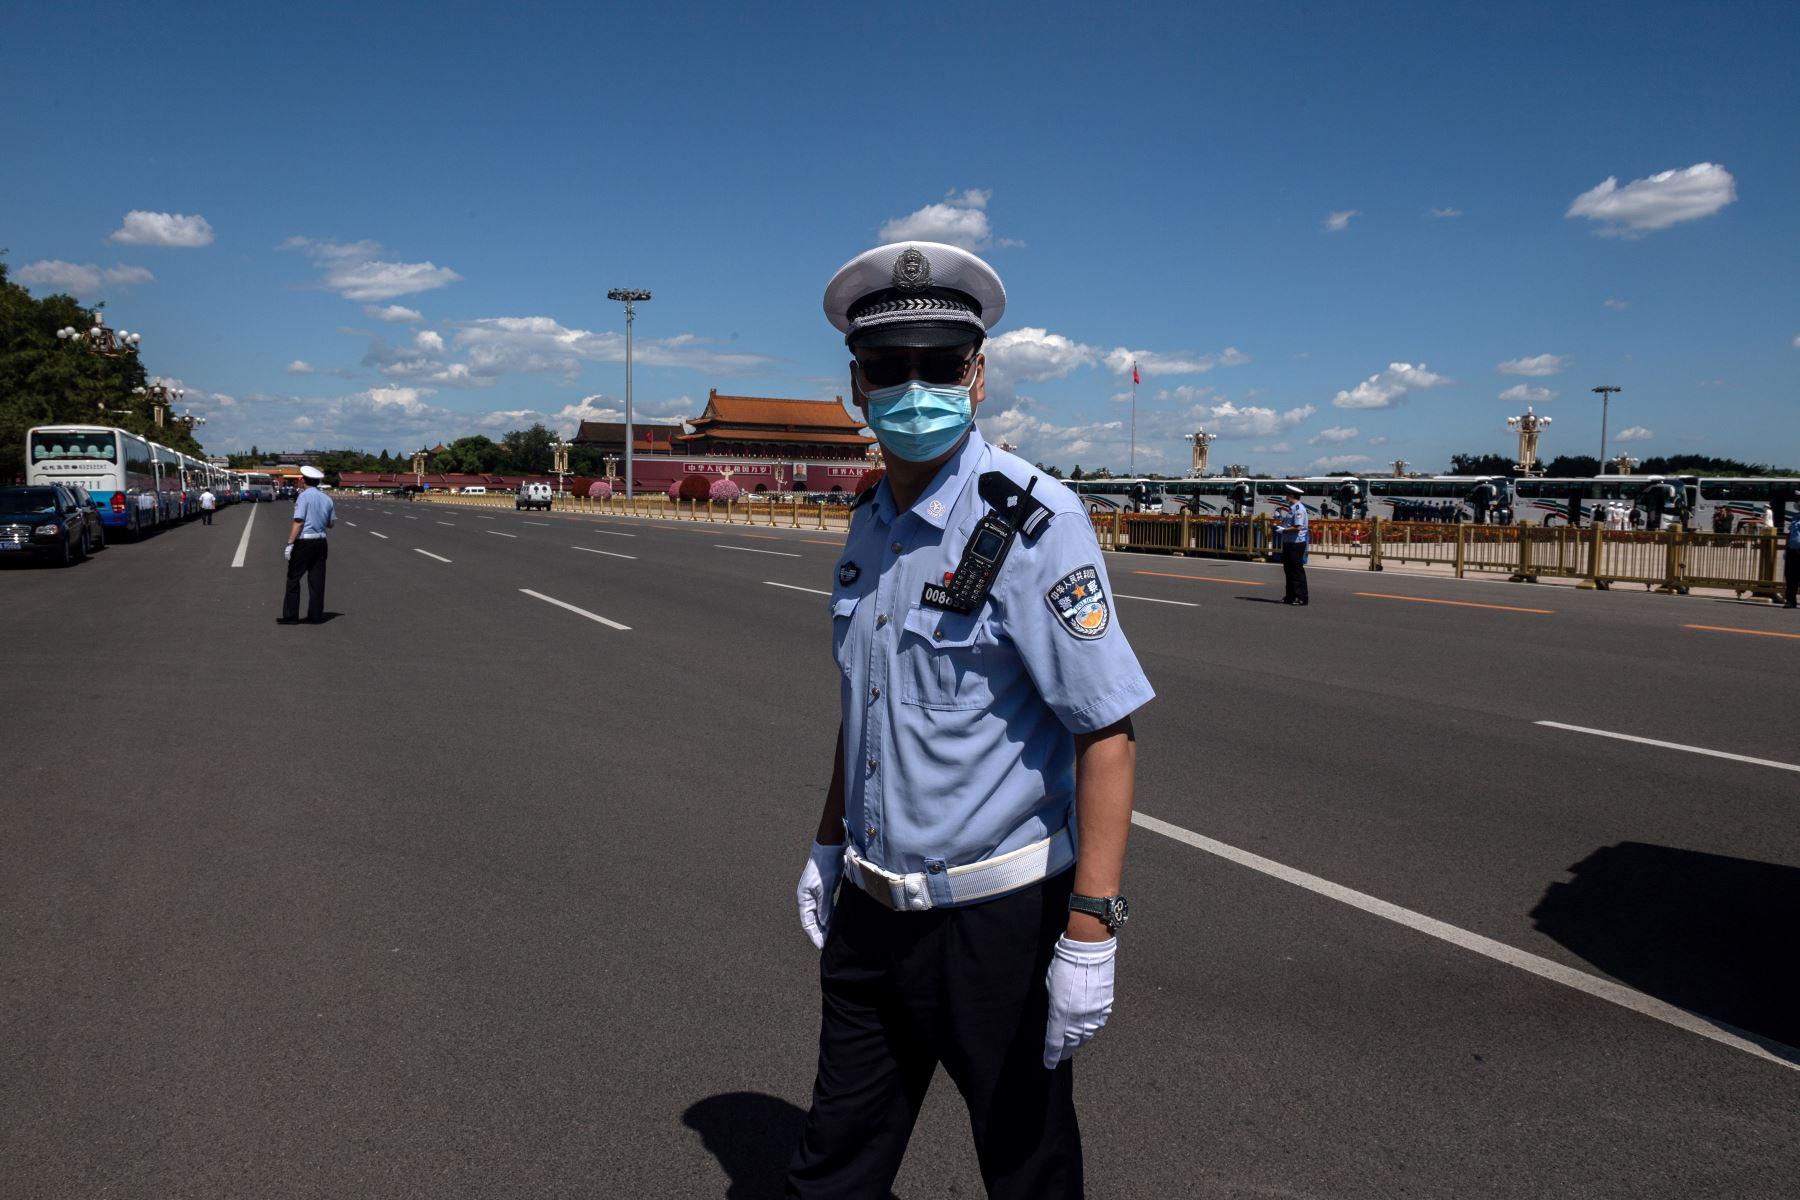 Agentes de policía aseguran una calle fuera del Gran Salón del Pueblo, donde se realizó una ceremonia en honor a las personas que lucharon contra la pandemia del coronavirus, en Beijing. Foto: AFP